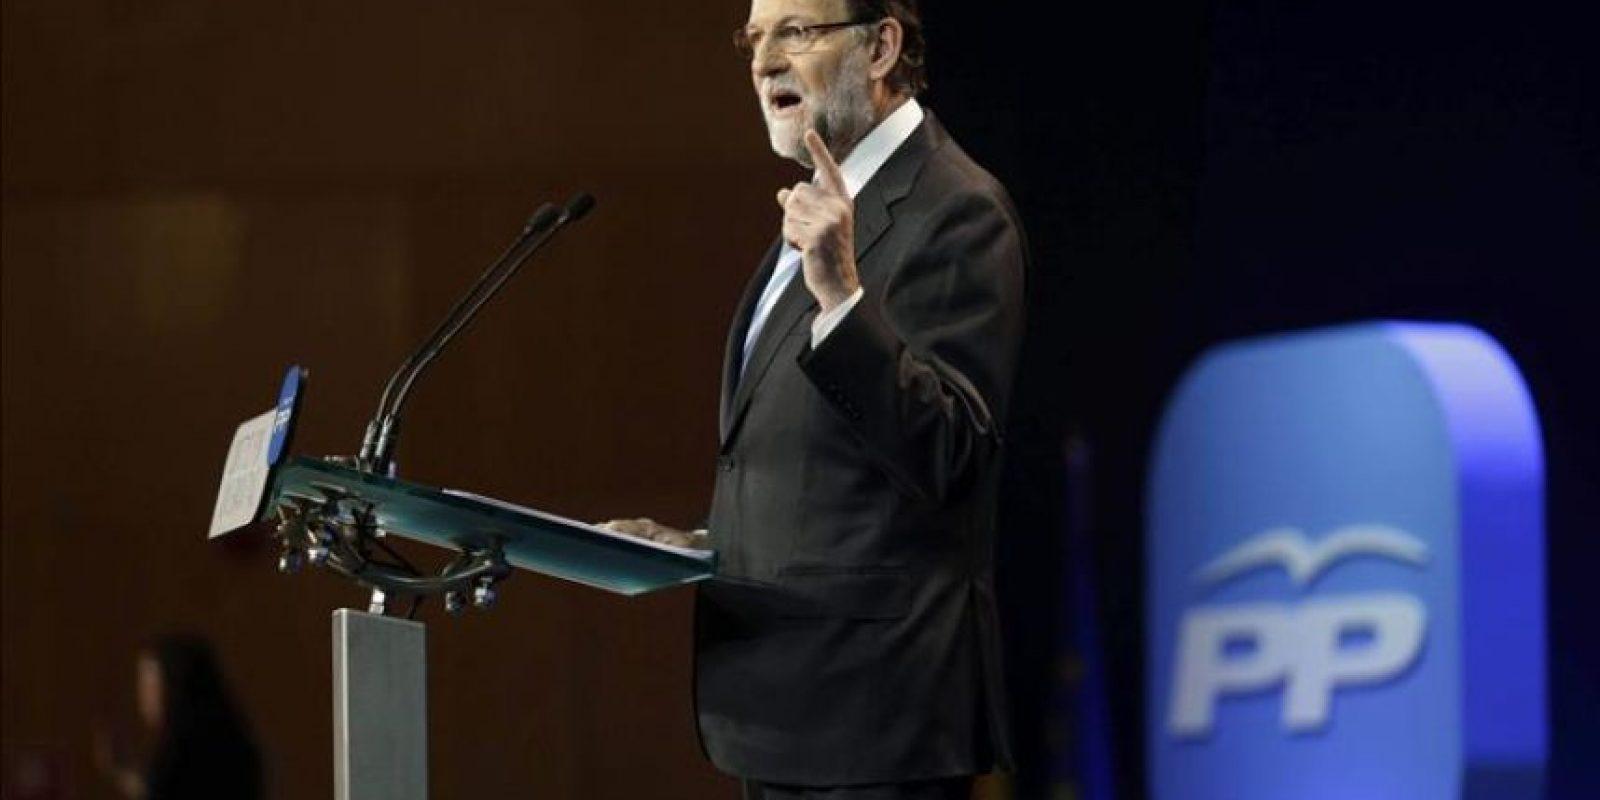 El presidente del Gobierno y del Partido Popular, Mariano Rajoy, durante su intervención hoy en la clausura de la convención nacional del PP, que se ha celebrado este fin de semana en el Palacio de Congresos de Madrid. EFE